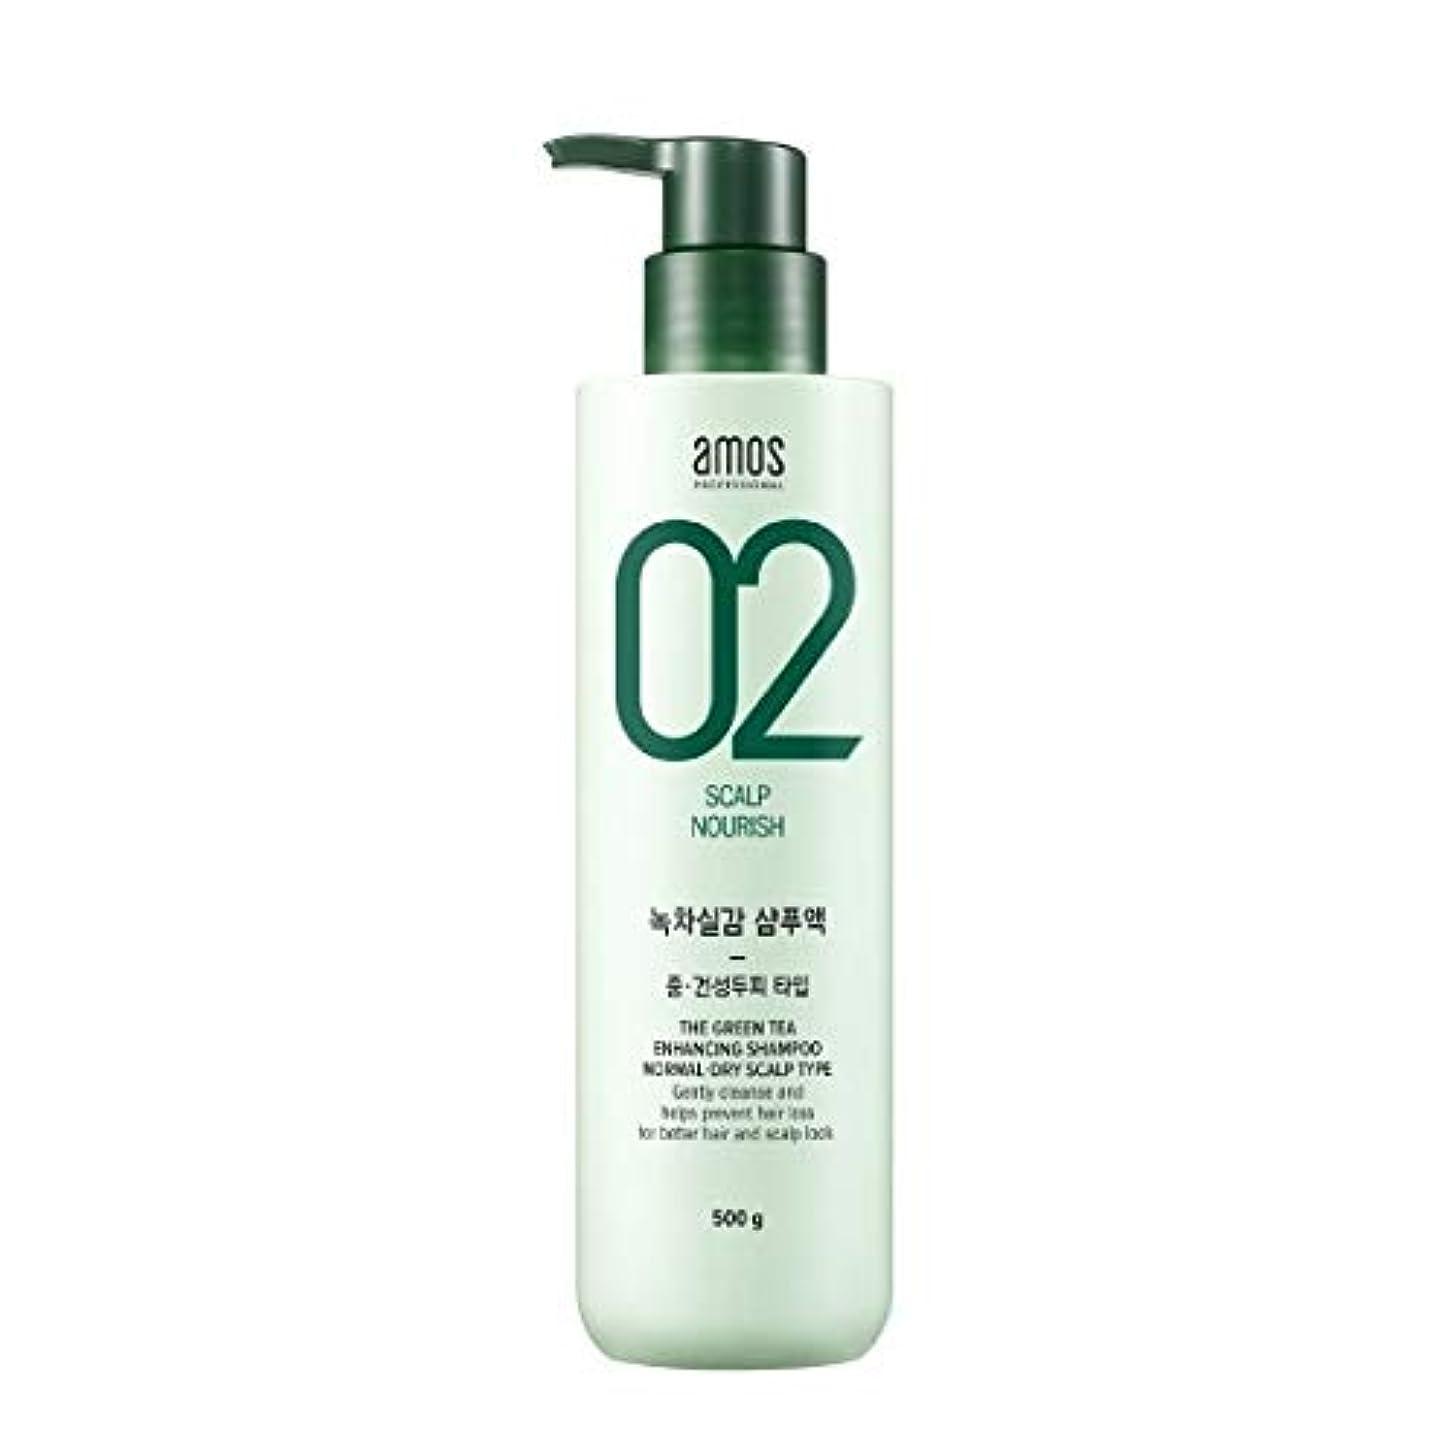 プーノペグ意義Amos Green Tea Enhancing Shampoo - Normal, Dry 500g / アモス ザ グリーンティー エンハンシング シャンプー # ノーマルドライ スカルプタイプ [並行輸入品]